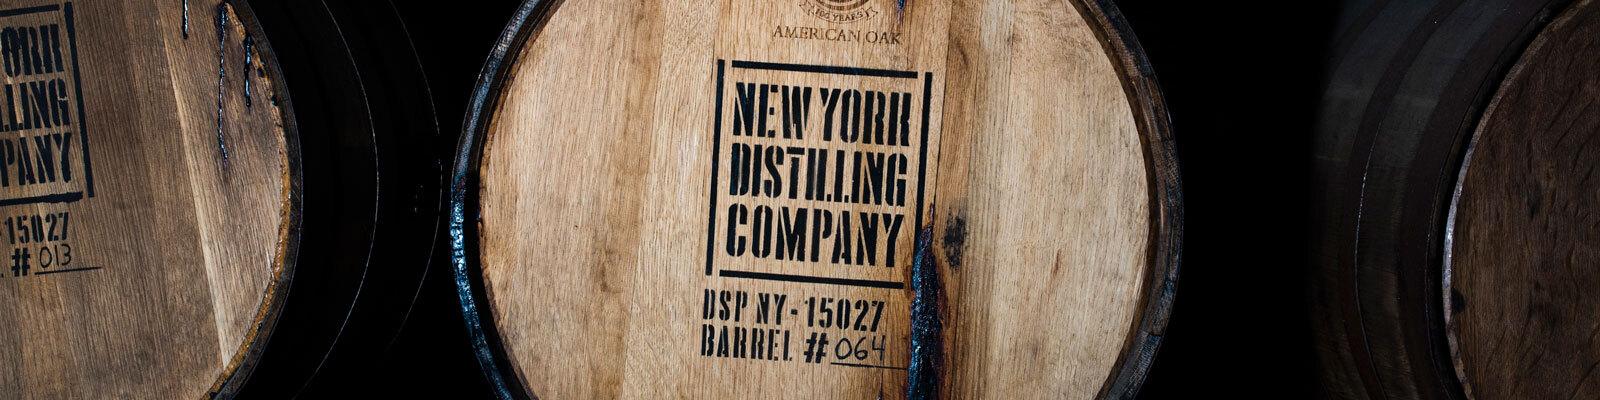 NY Distilling